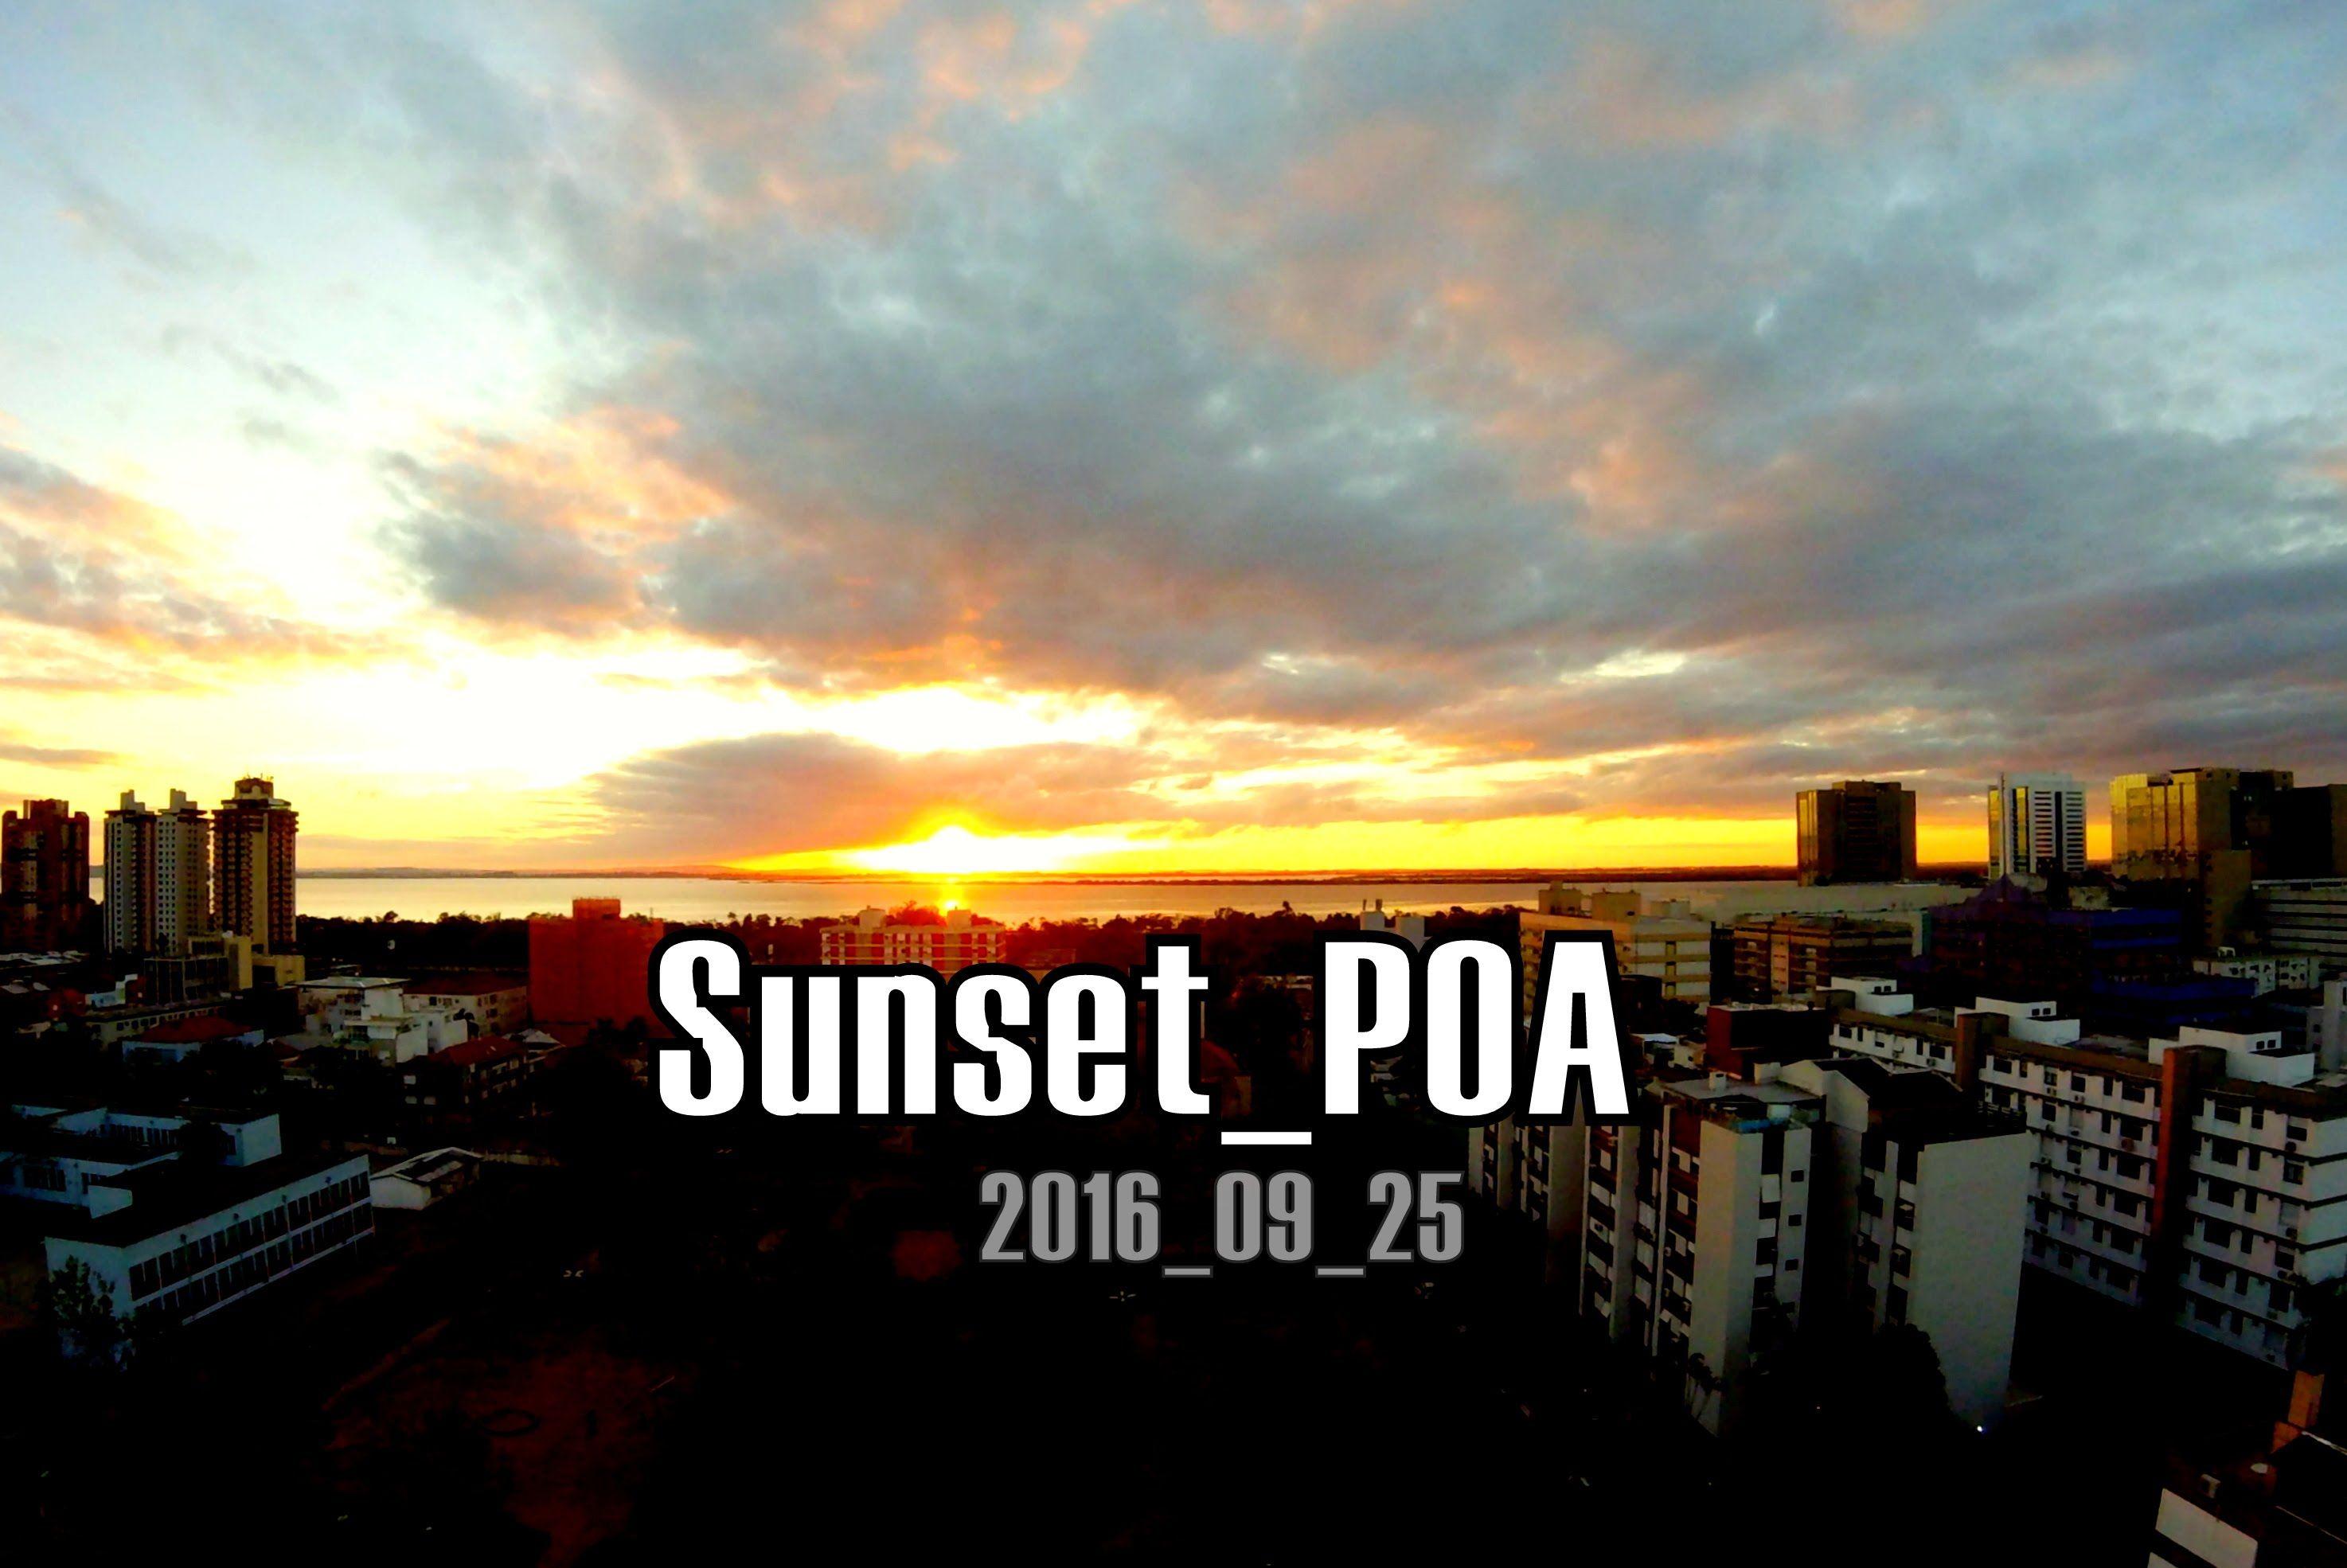 SUNSET_POA_2016_09_25